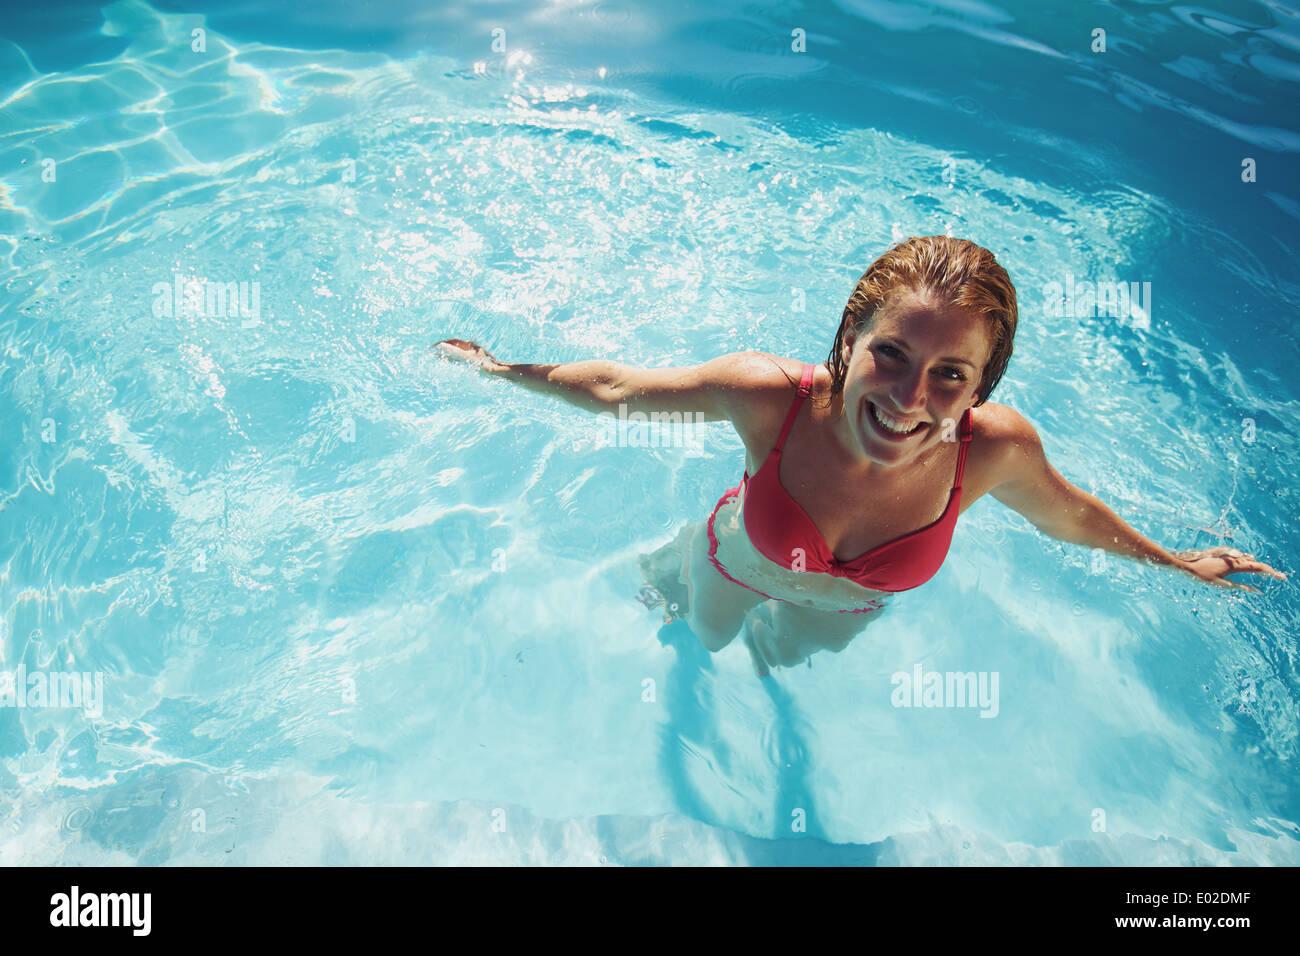 Felice giovane ragazza rilassante in piscina. Sorridente giovane donna indossando il costume da bagno in piedi in piscina guardando la fotocamera. Immagini Stock